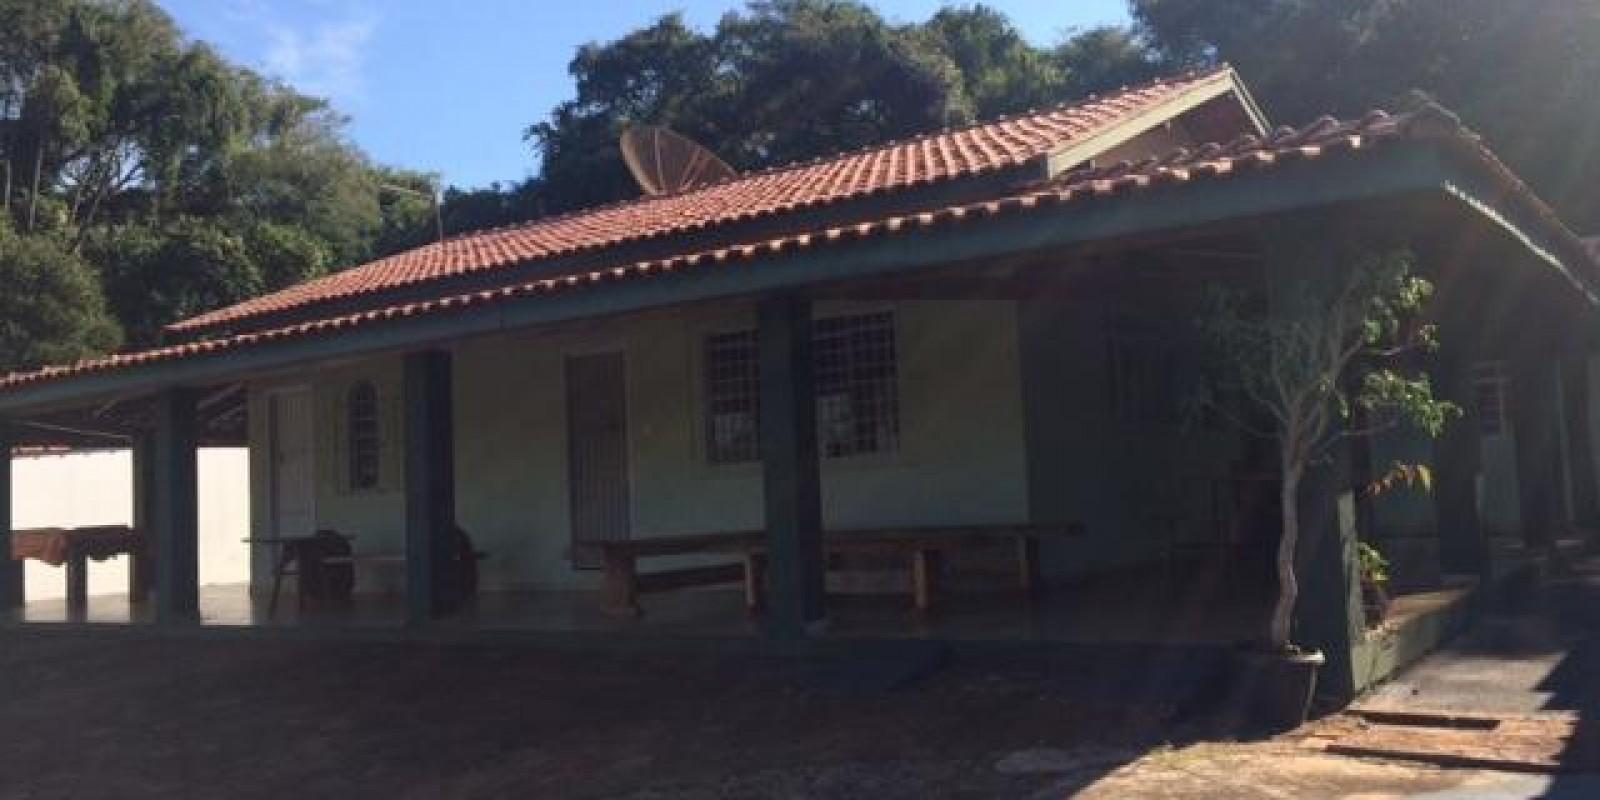 Casa MOBILIADA na Represa no Portal do Catavento em Arandu SP - Foto 17 de 26